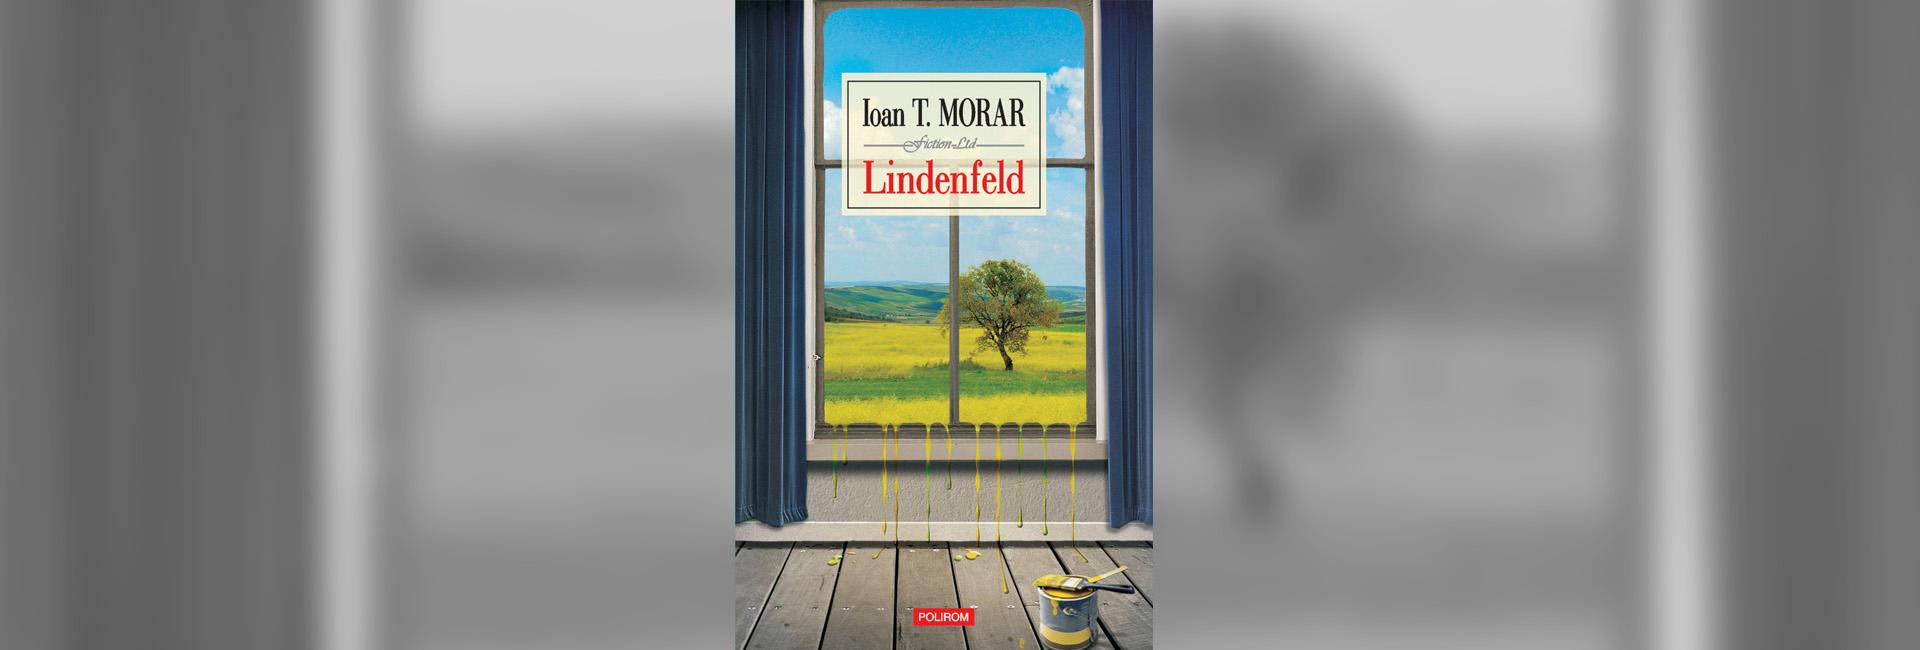 recenzie carte Ioan T. Morar Lindenfeld satul din Banat slider